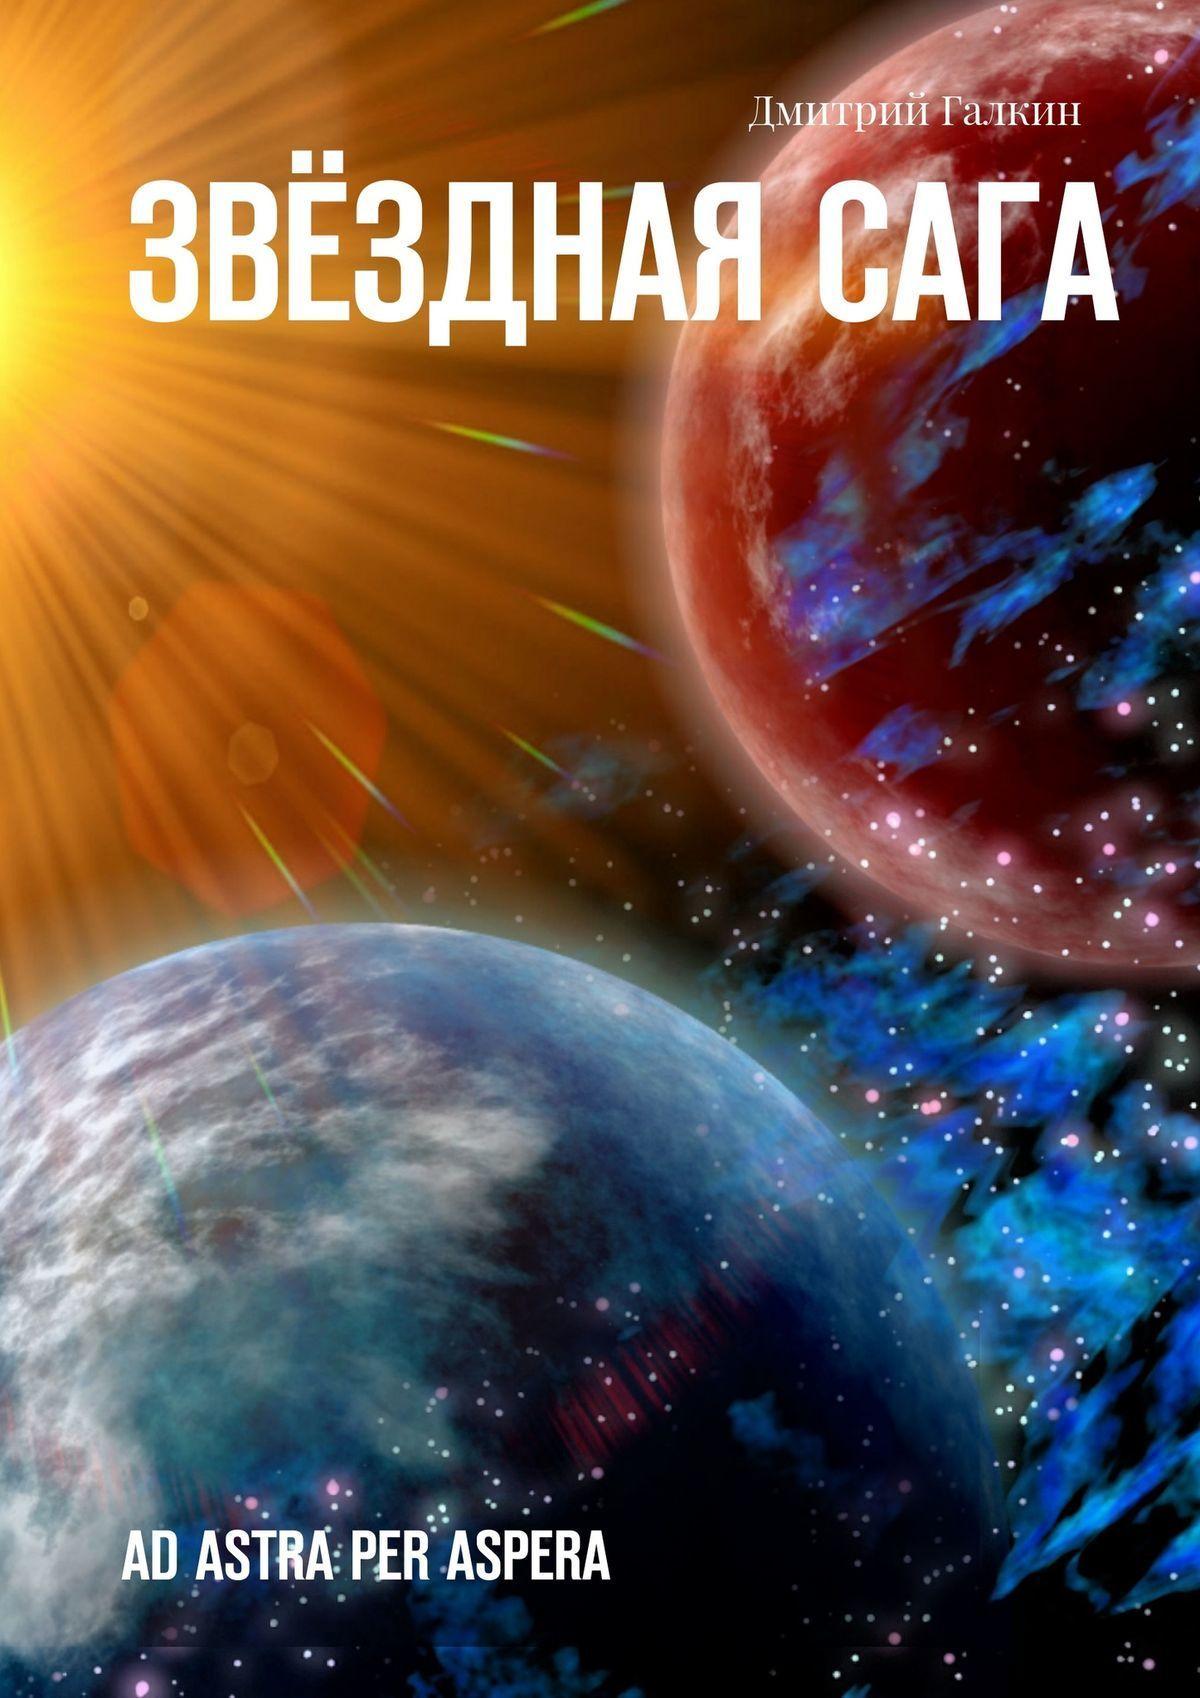 Дмитрий Галкин Звёзднаясага. Ad astra per aspera дмитрий галкин звёздная сага ad astra per aspera